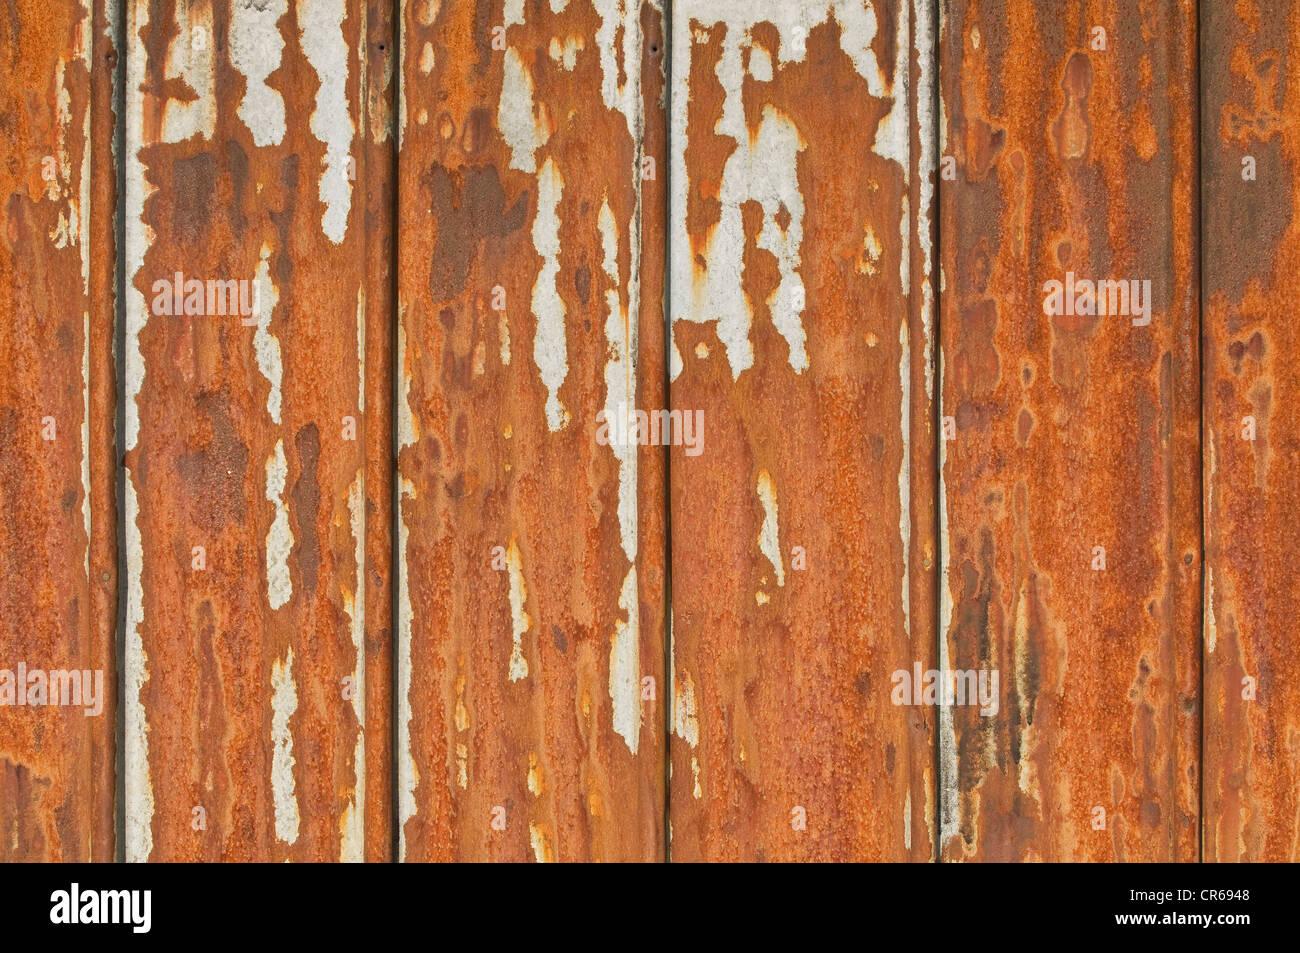 Metallo arrugginito piastre con residui di vernice Immagini Stock